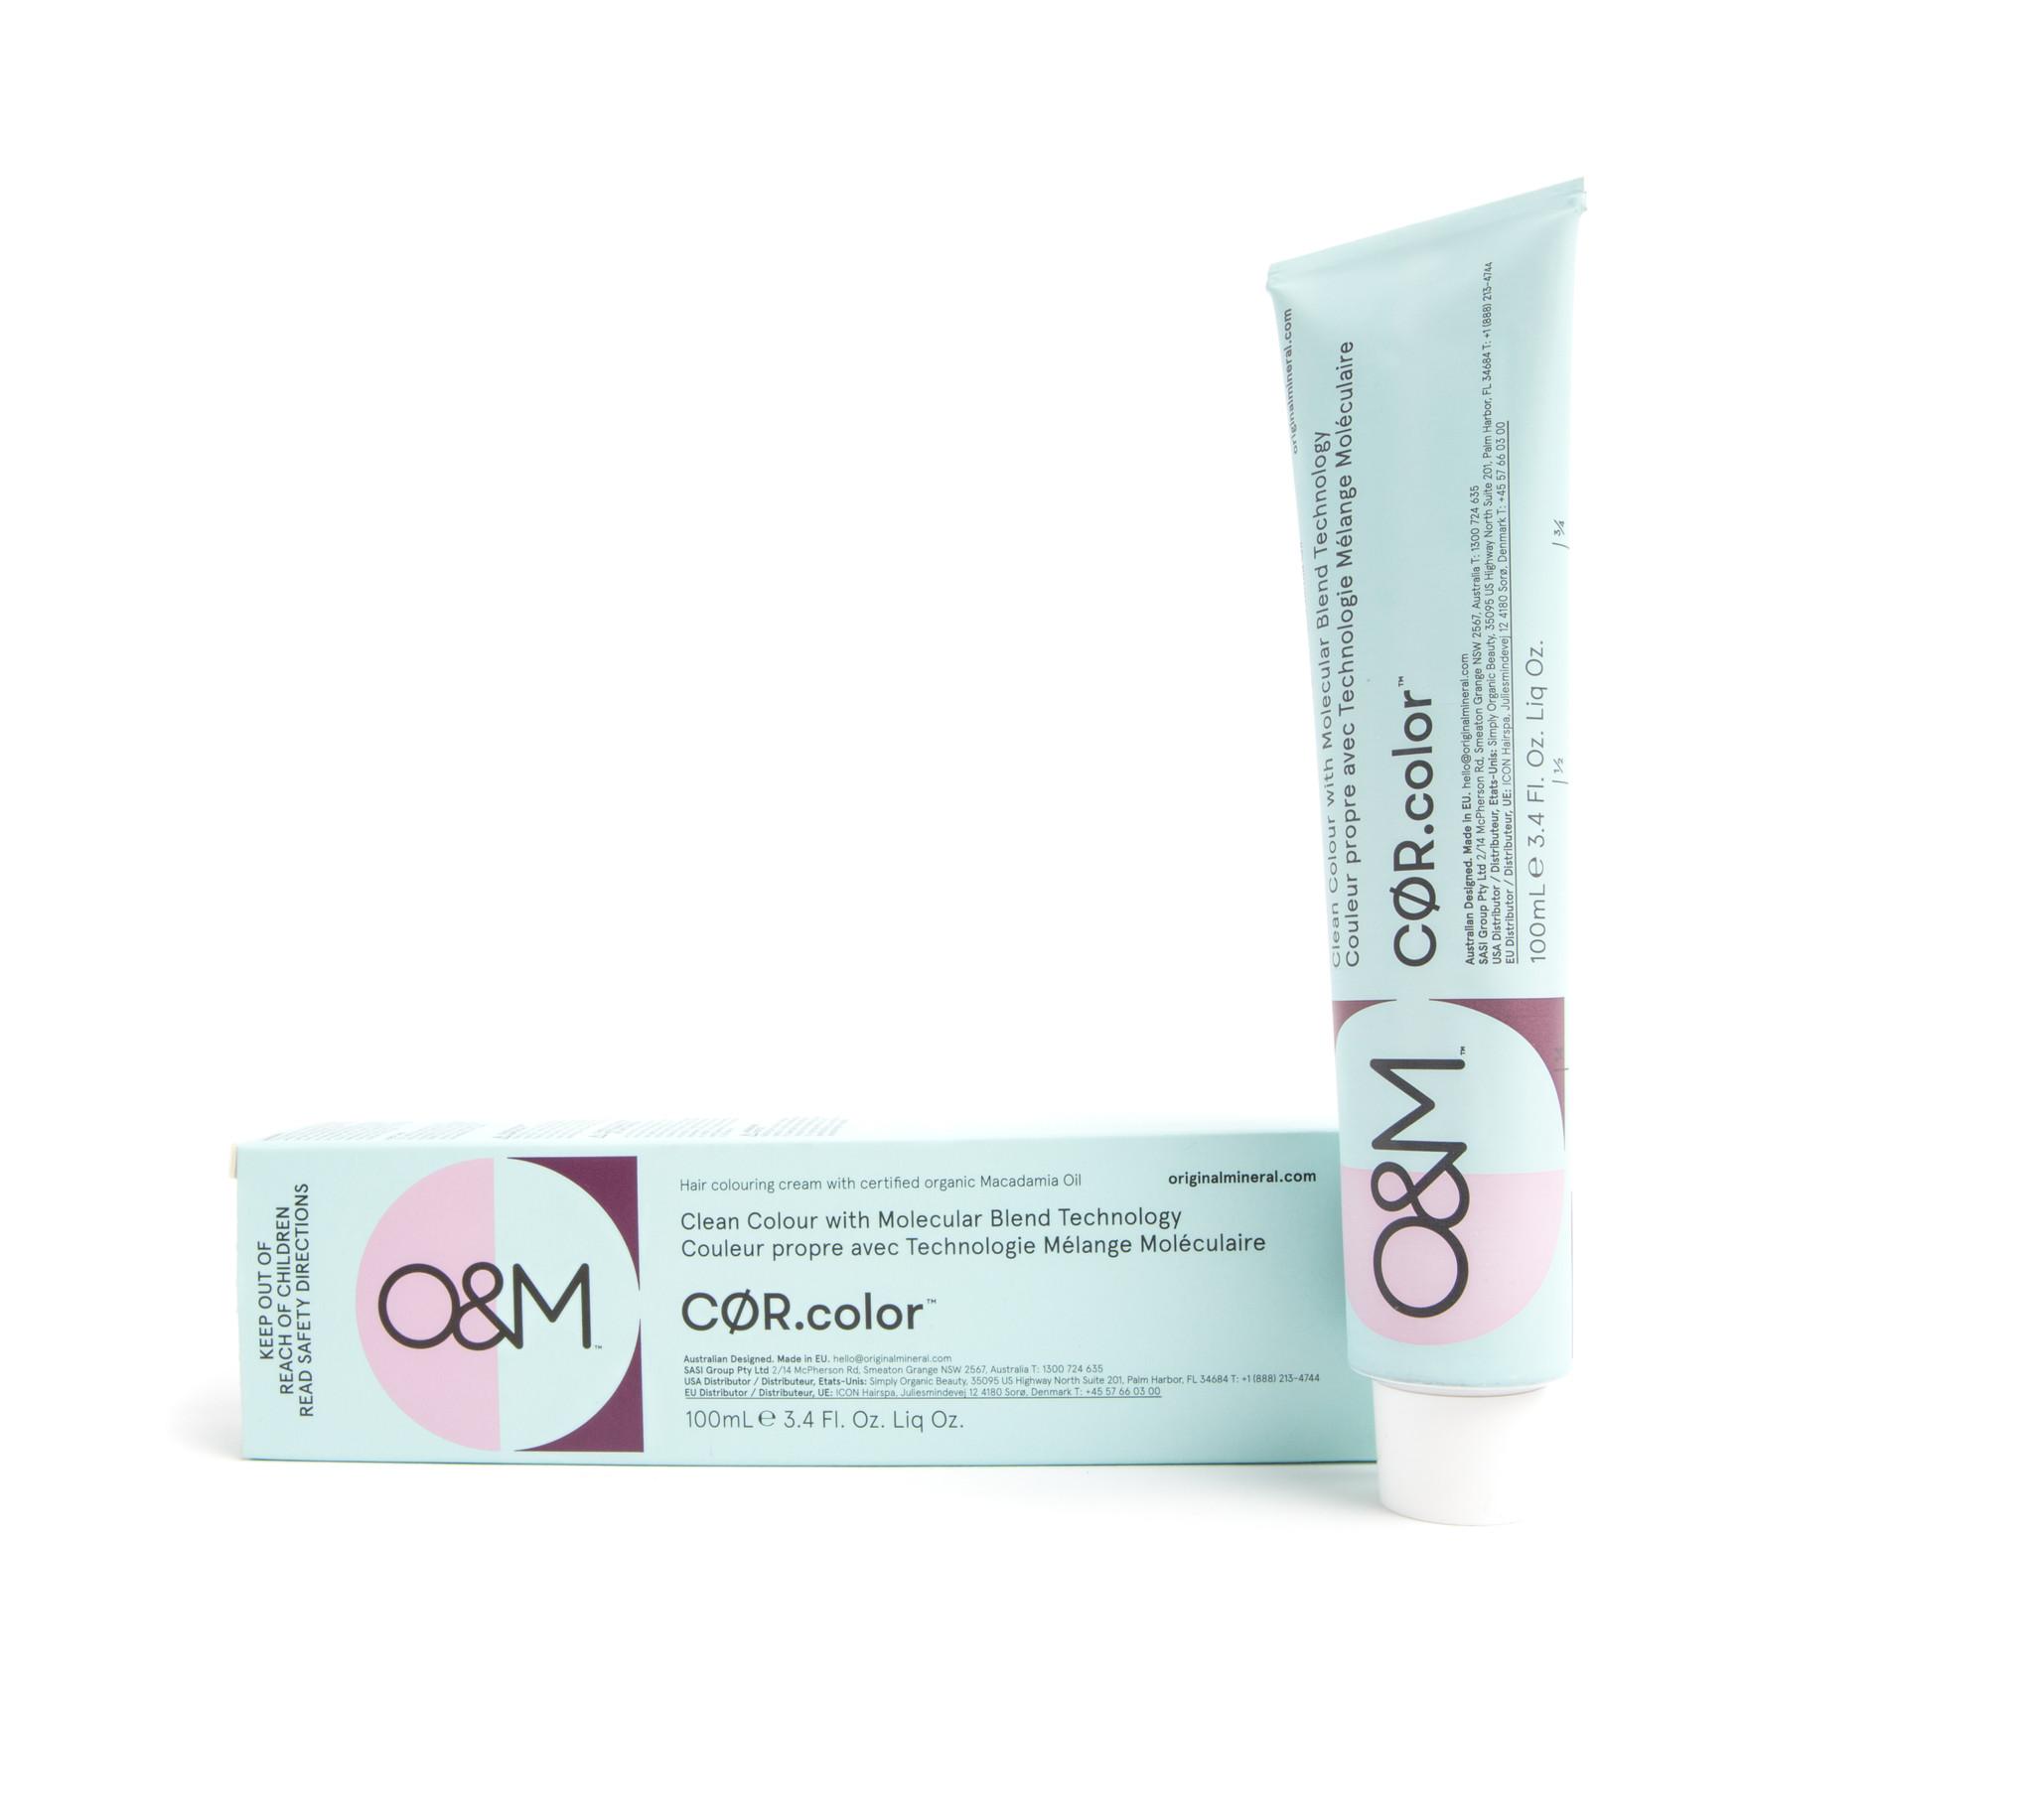 O&M - Original Mineral O&M CØR.color Pale Pink Pastel 100g